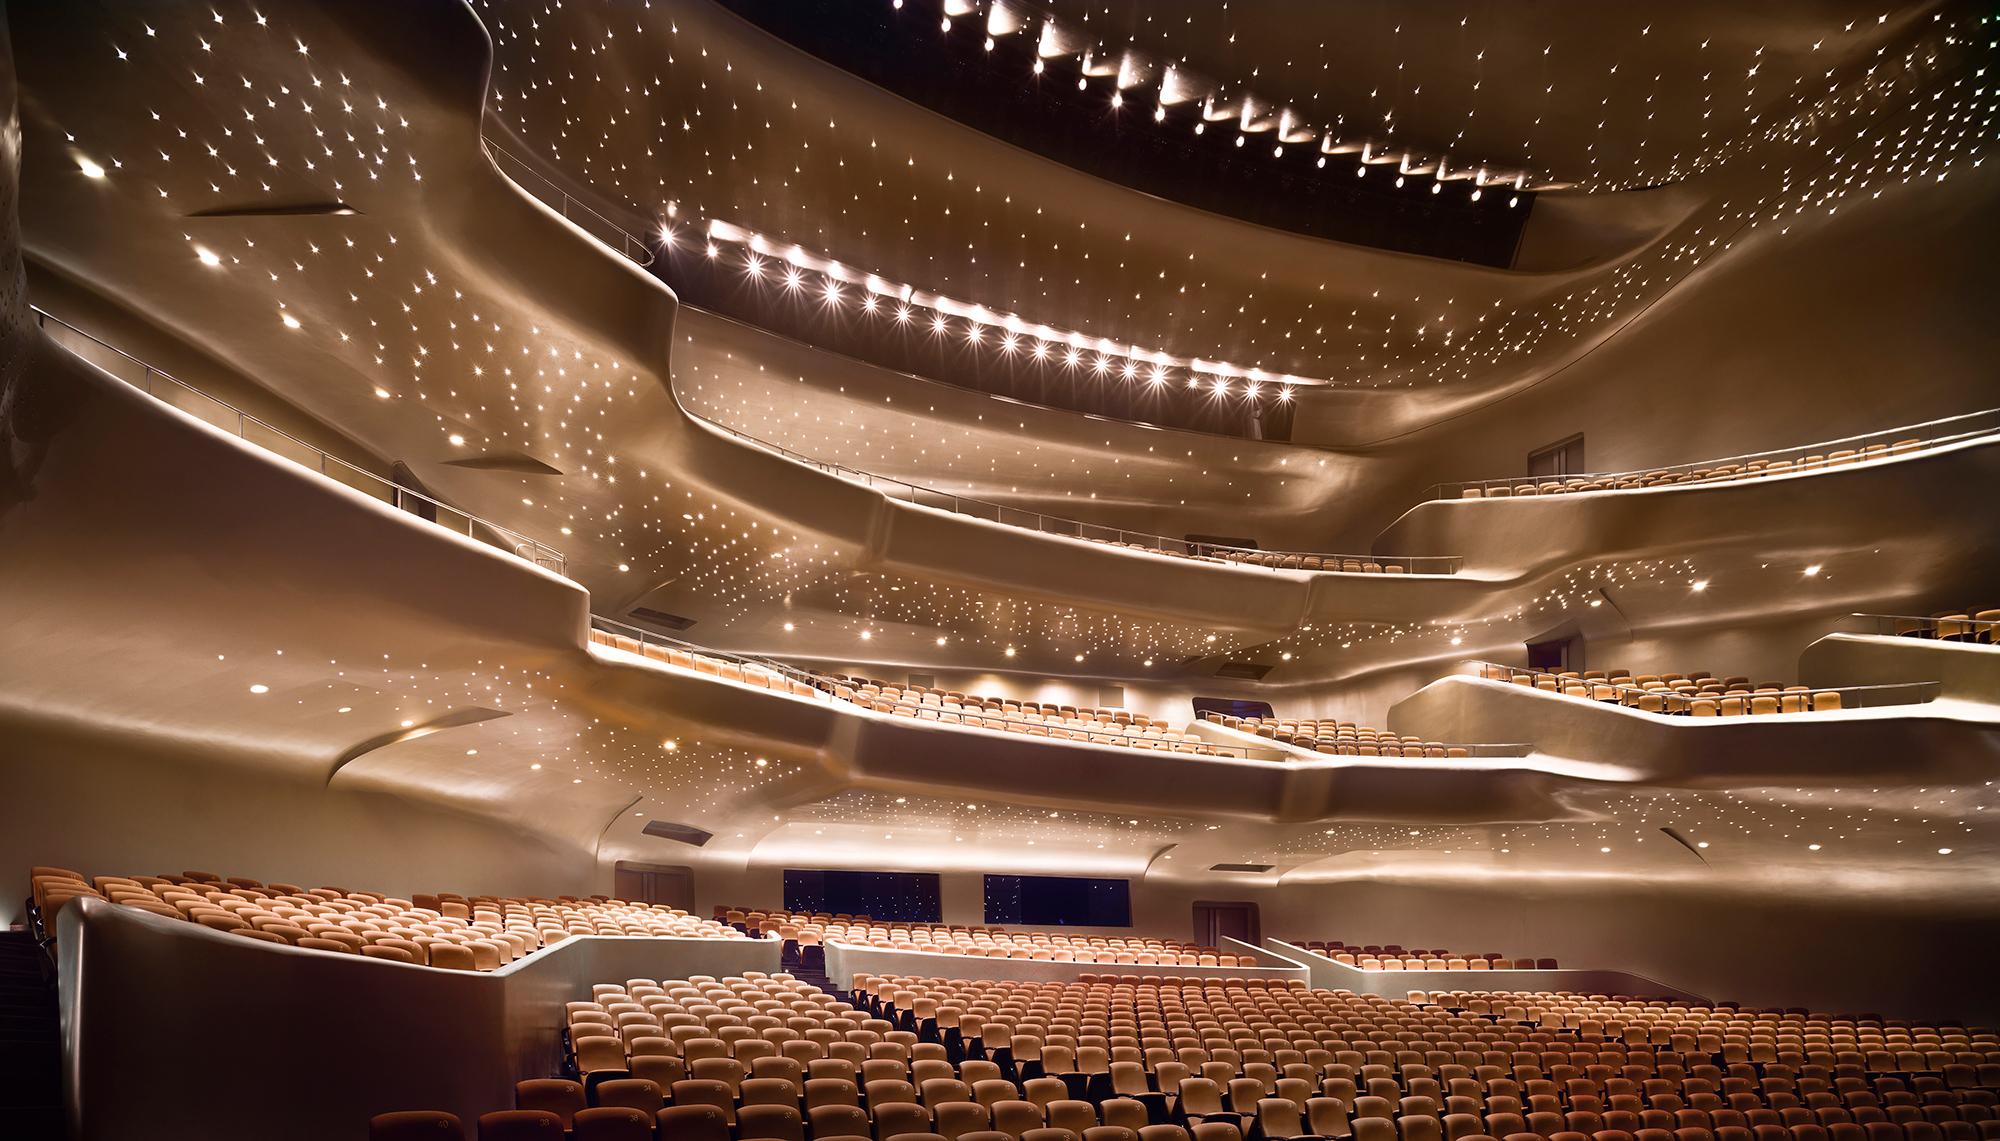 Guangzhou Opera House in Guangzhou, China.